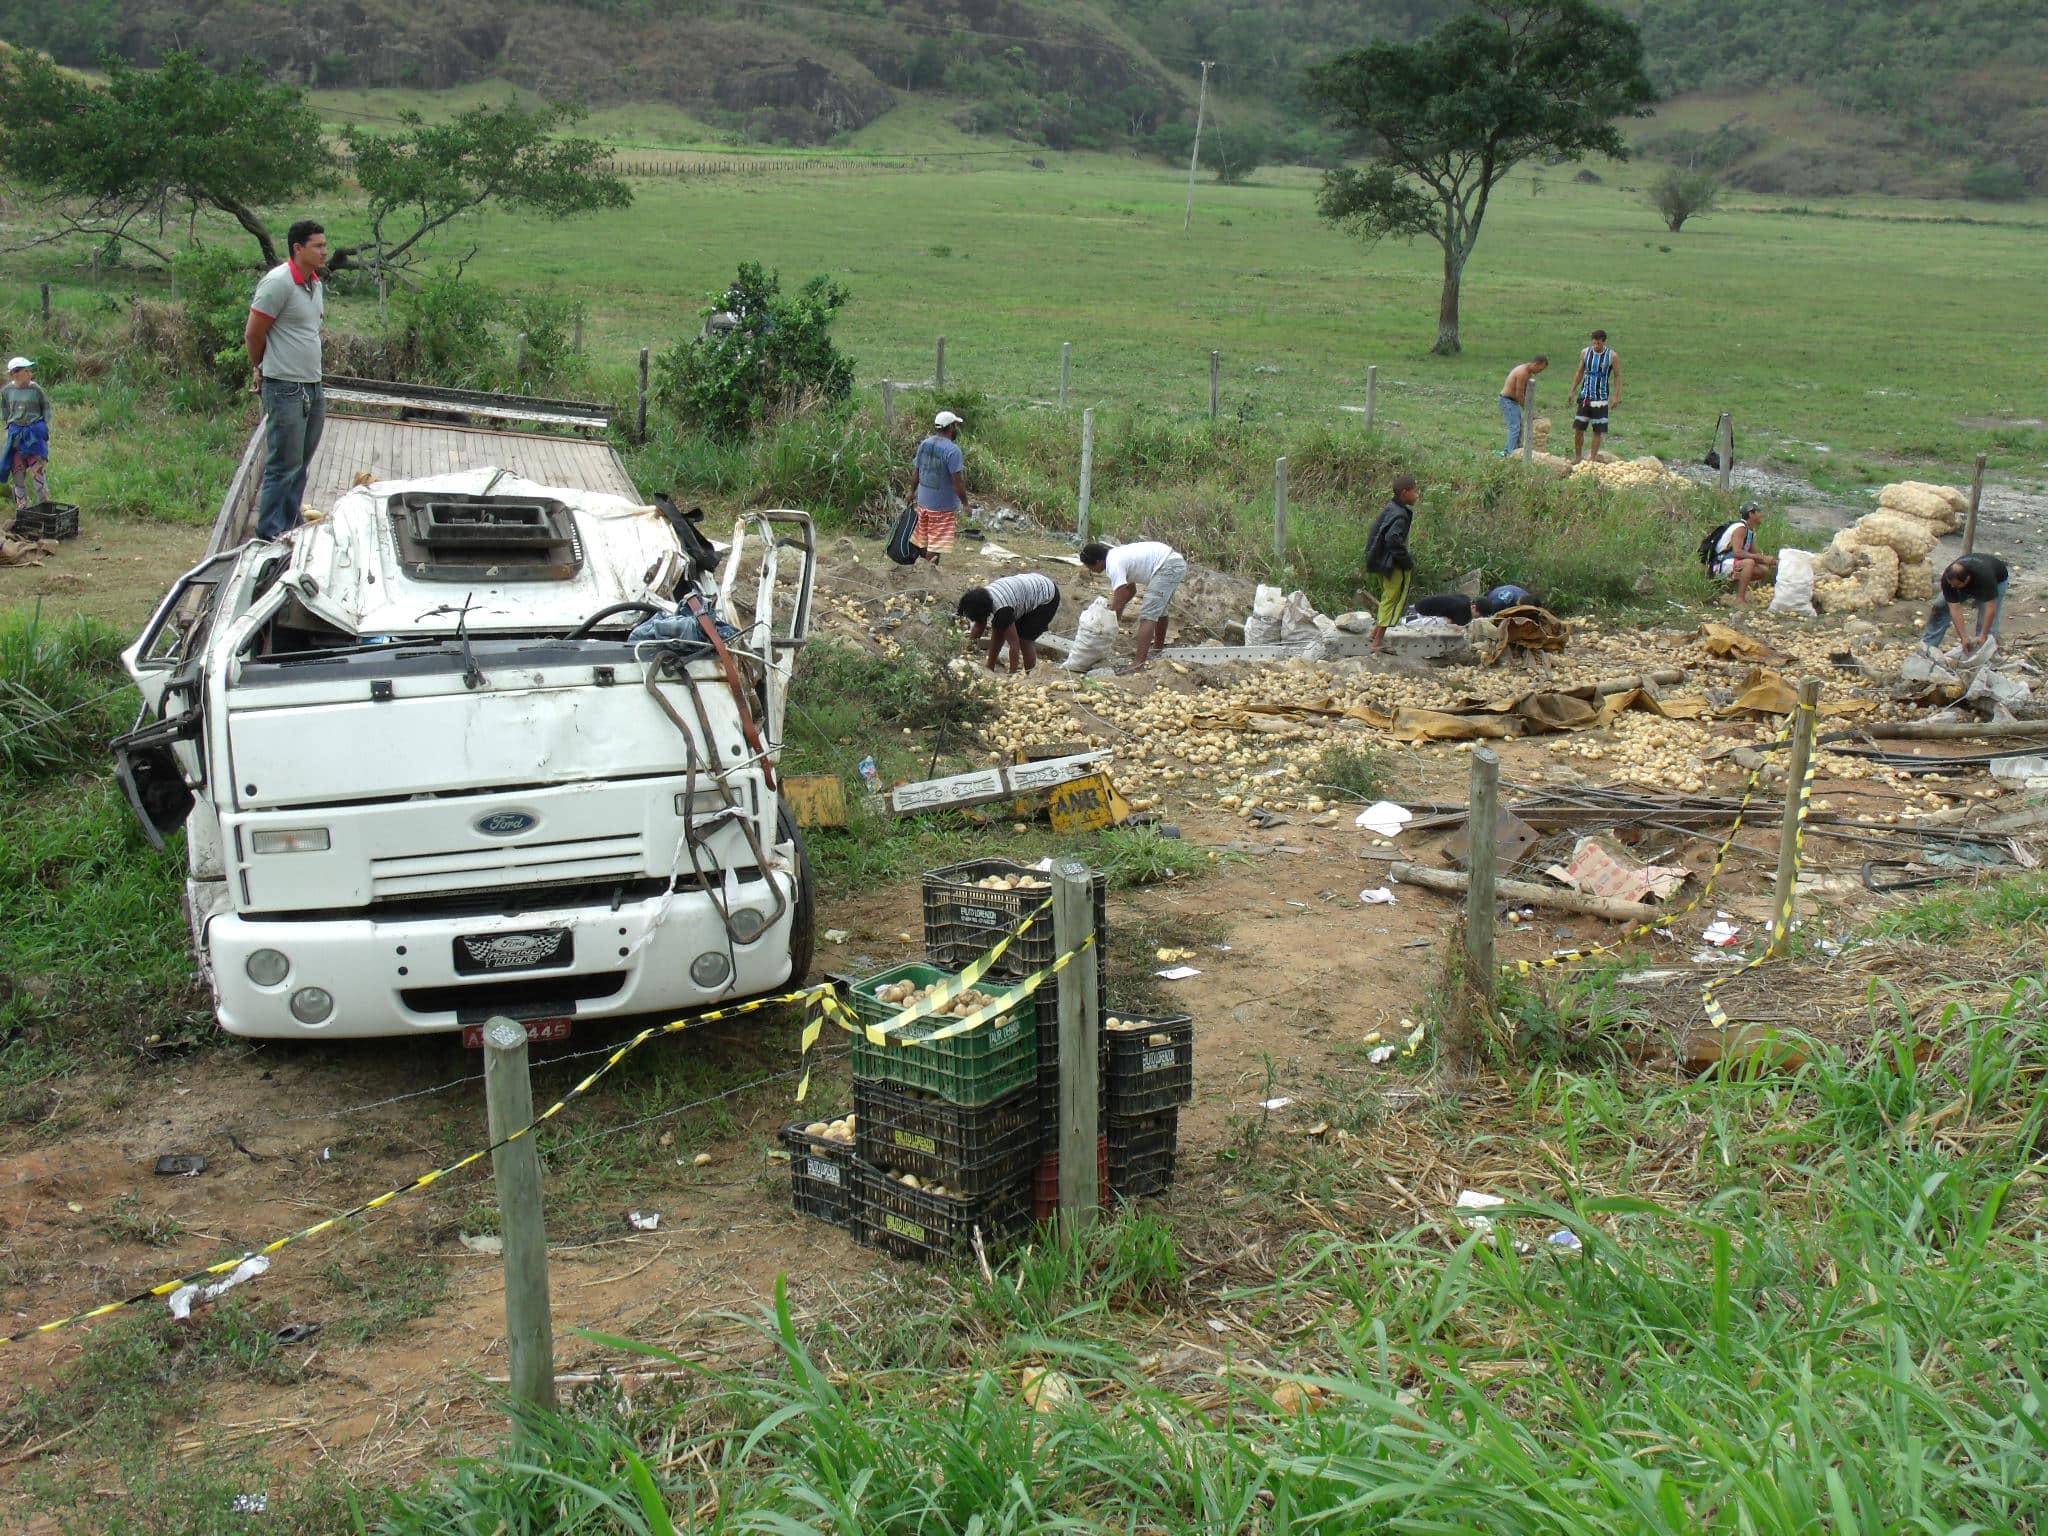 Caminhão caiu fora da pista e populares saquearam a carga - Foto Rosimara Marinho